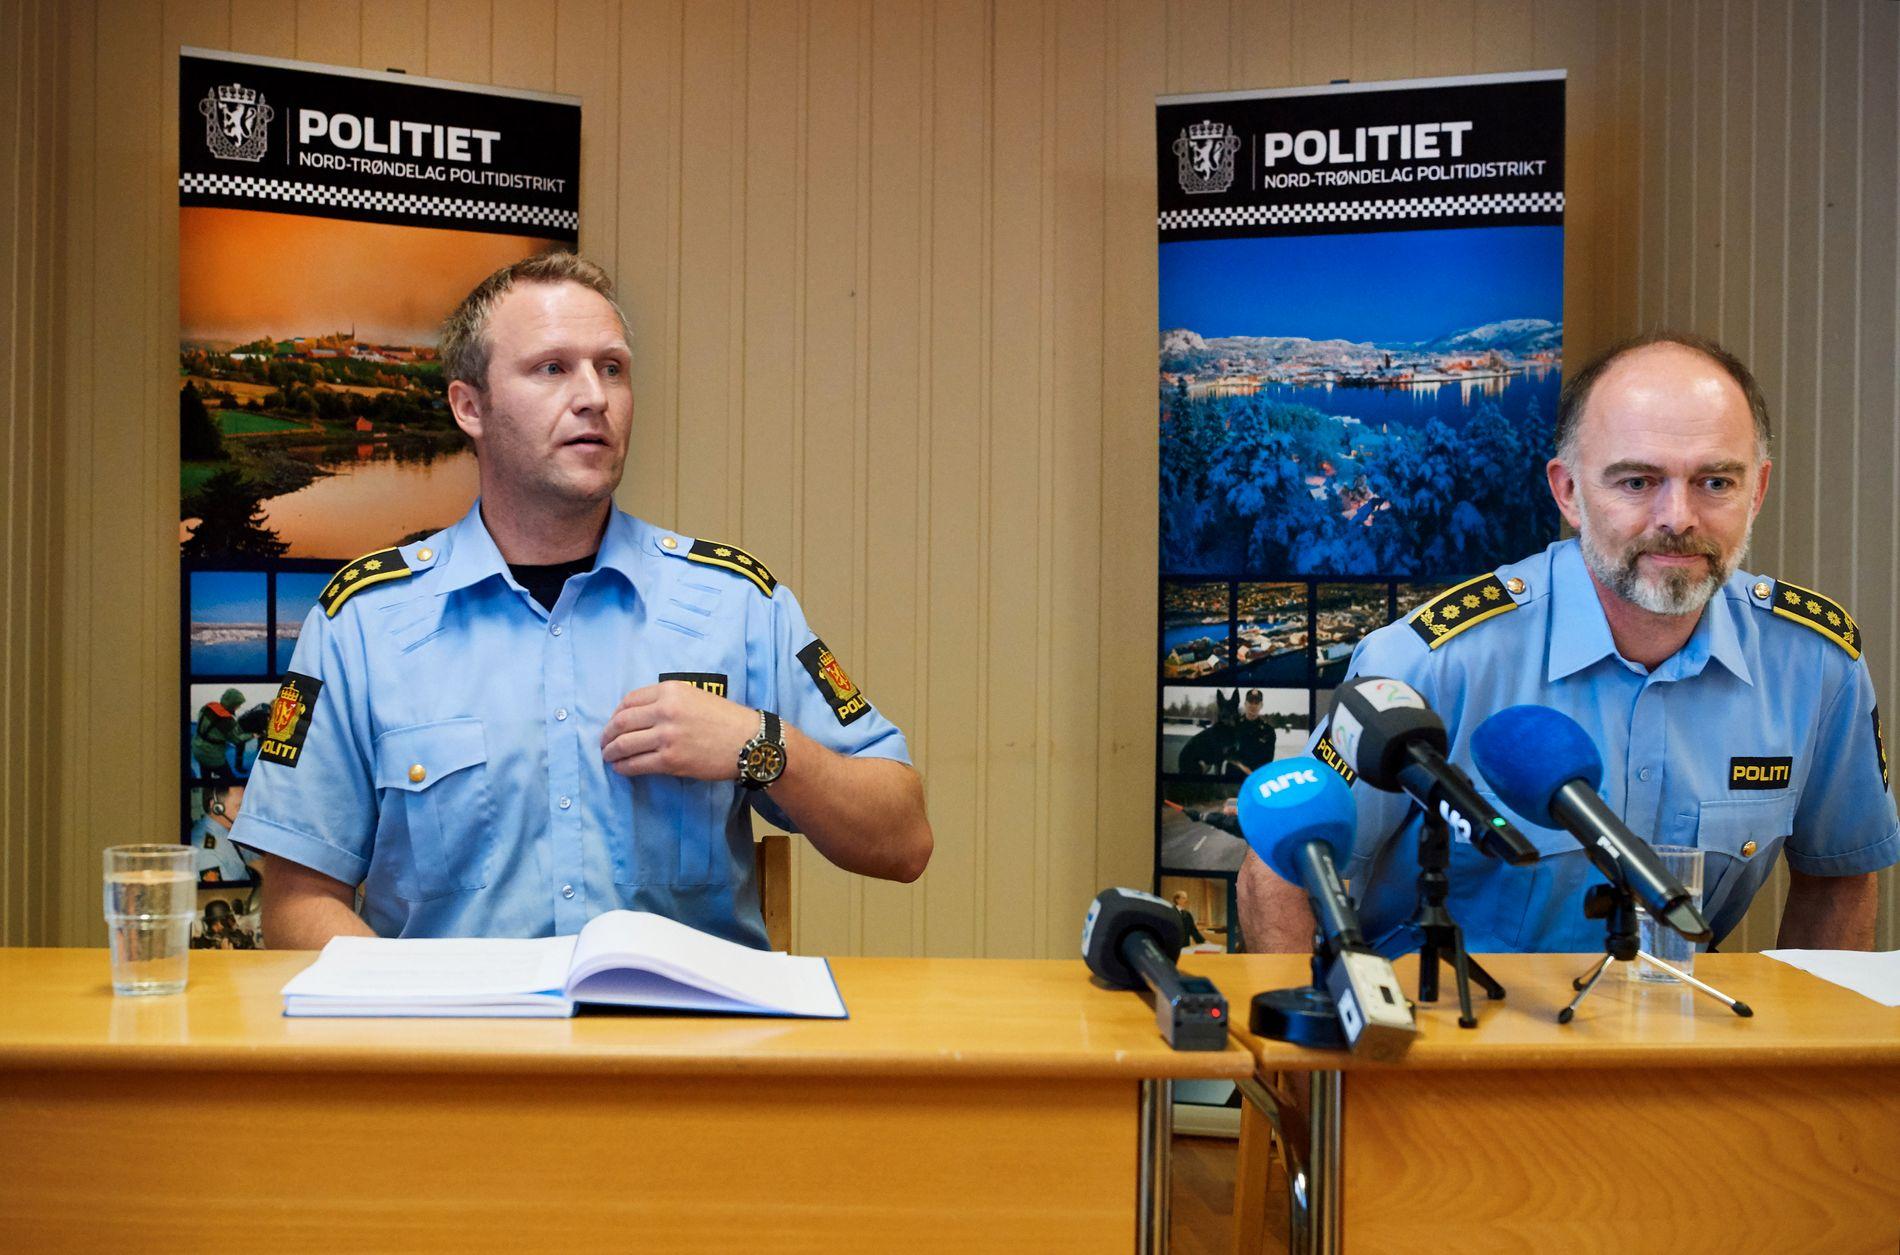 TO SIKTET: Lensmann Svenn Ingar Viken (t.v.) og politiadvokat Amund Sand på politiets pressekonferanse i fjor sommer. Ei tre år gammel jente døde i juni. Jentas mor og stefar er siktet.